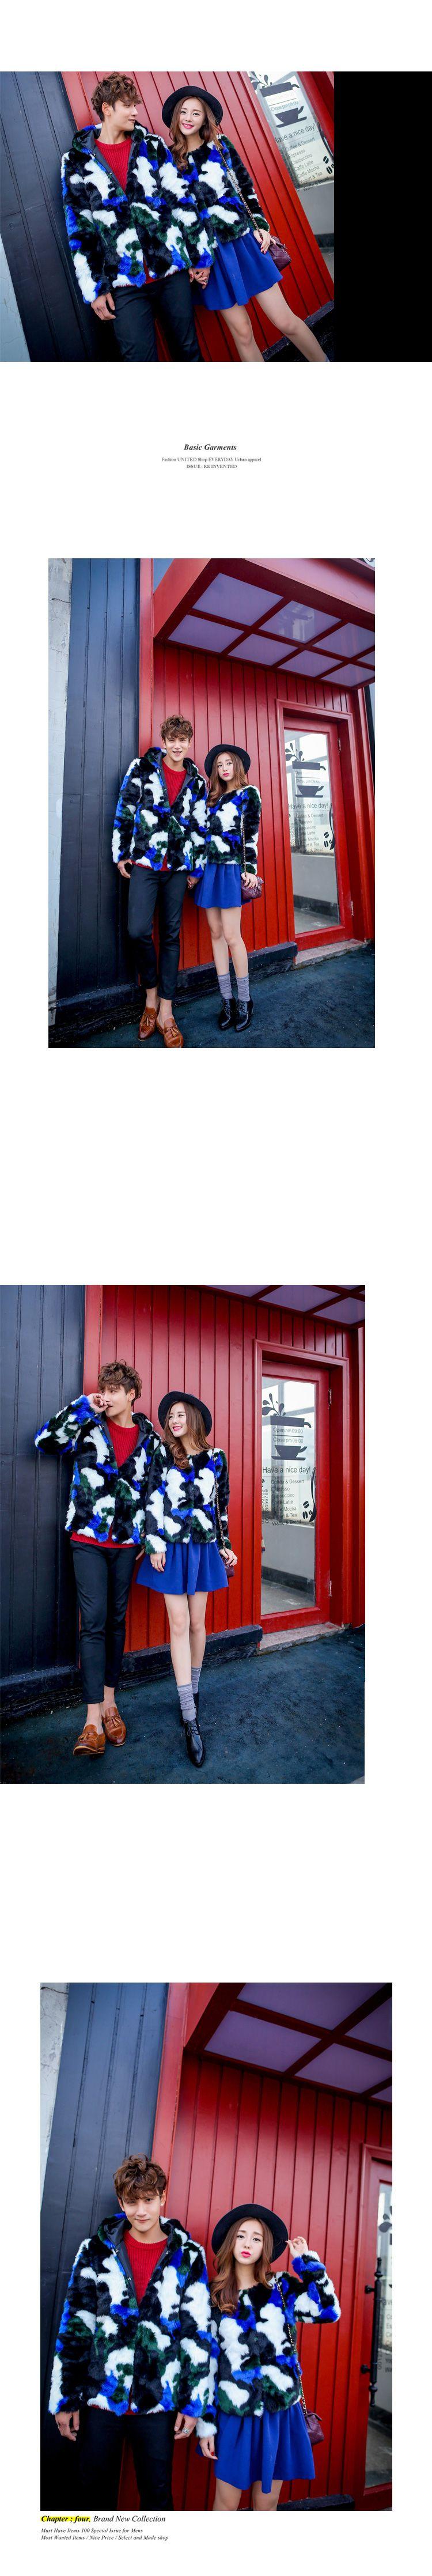 Winter Liebhaber männer pelz mantel kanin kurze jacke design Modetrend top oberbekleidung weiblich in motorrad lederjacken für männer Winter plus dicke samt herren leder jacke mantel war aus Leder u. Veloursleder auf AliExpress.com | Alibaba Group